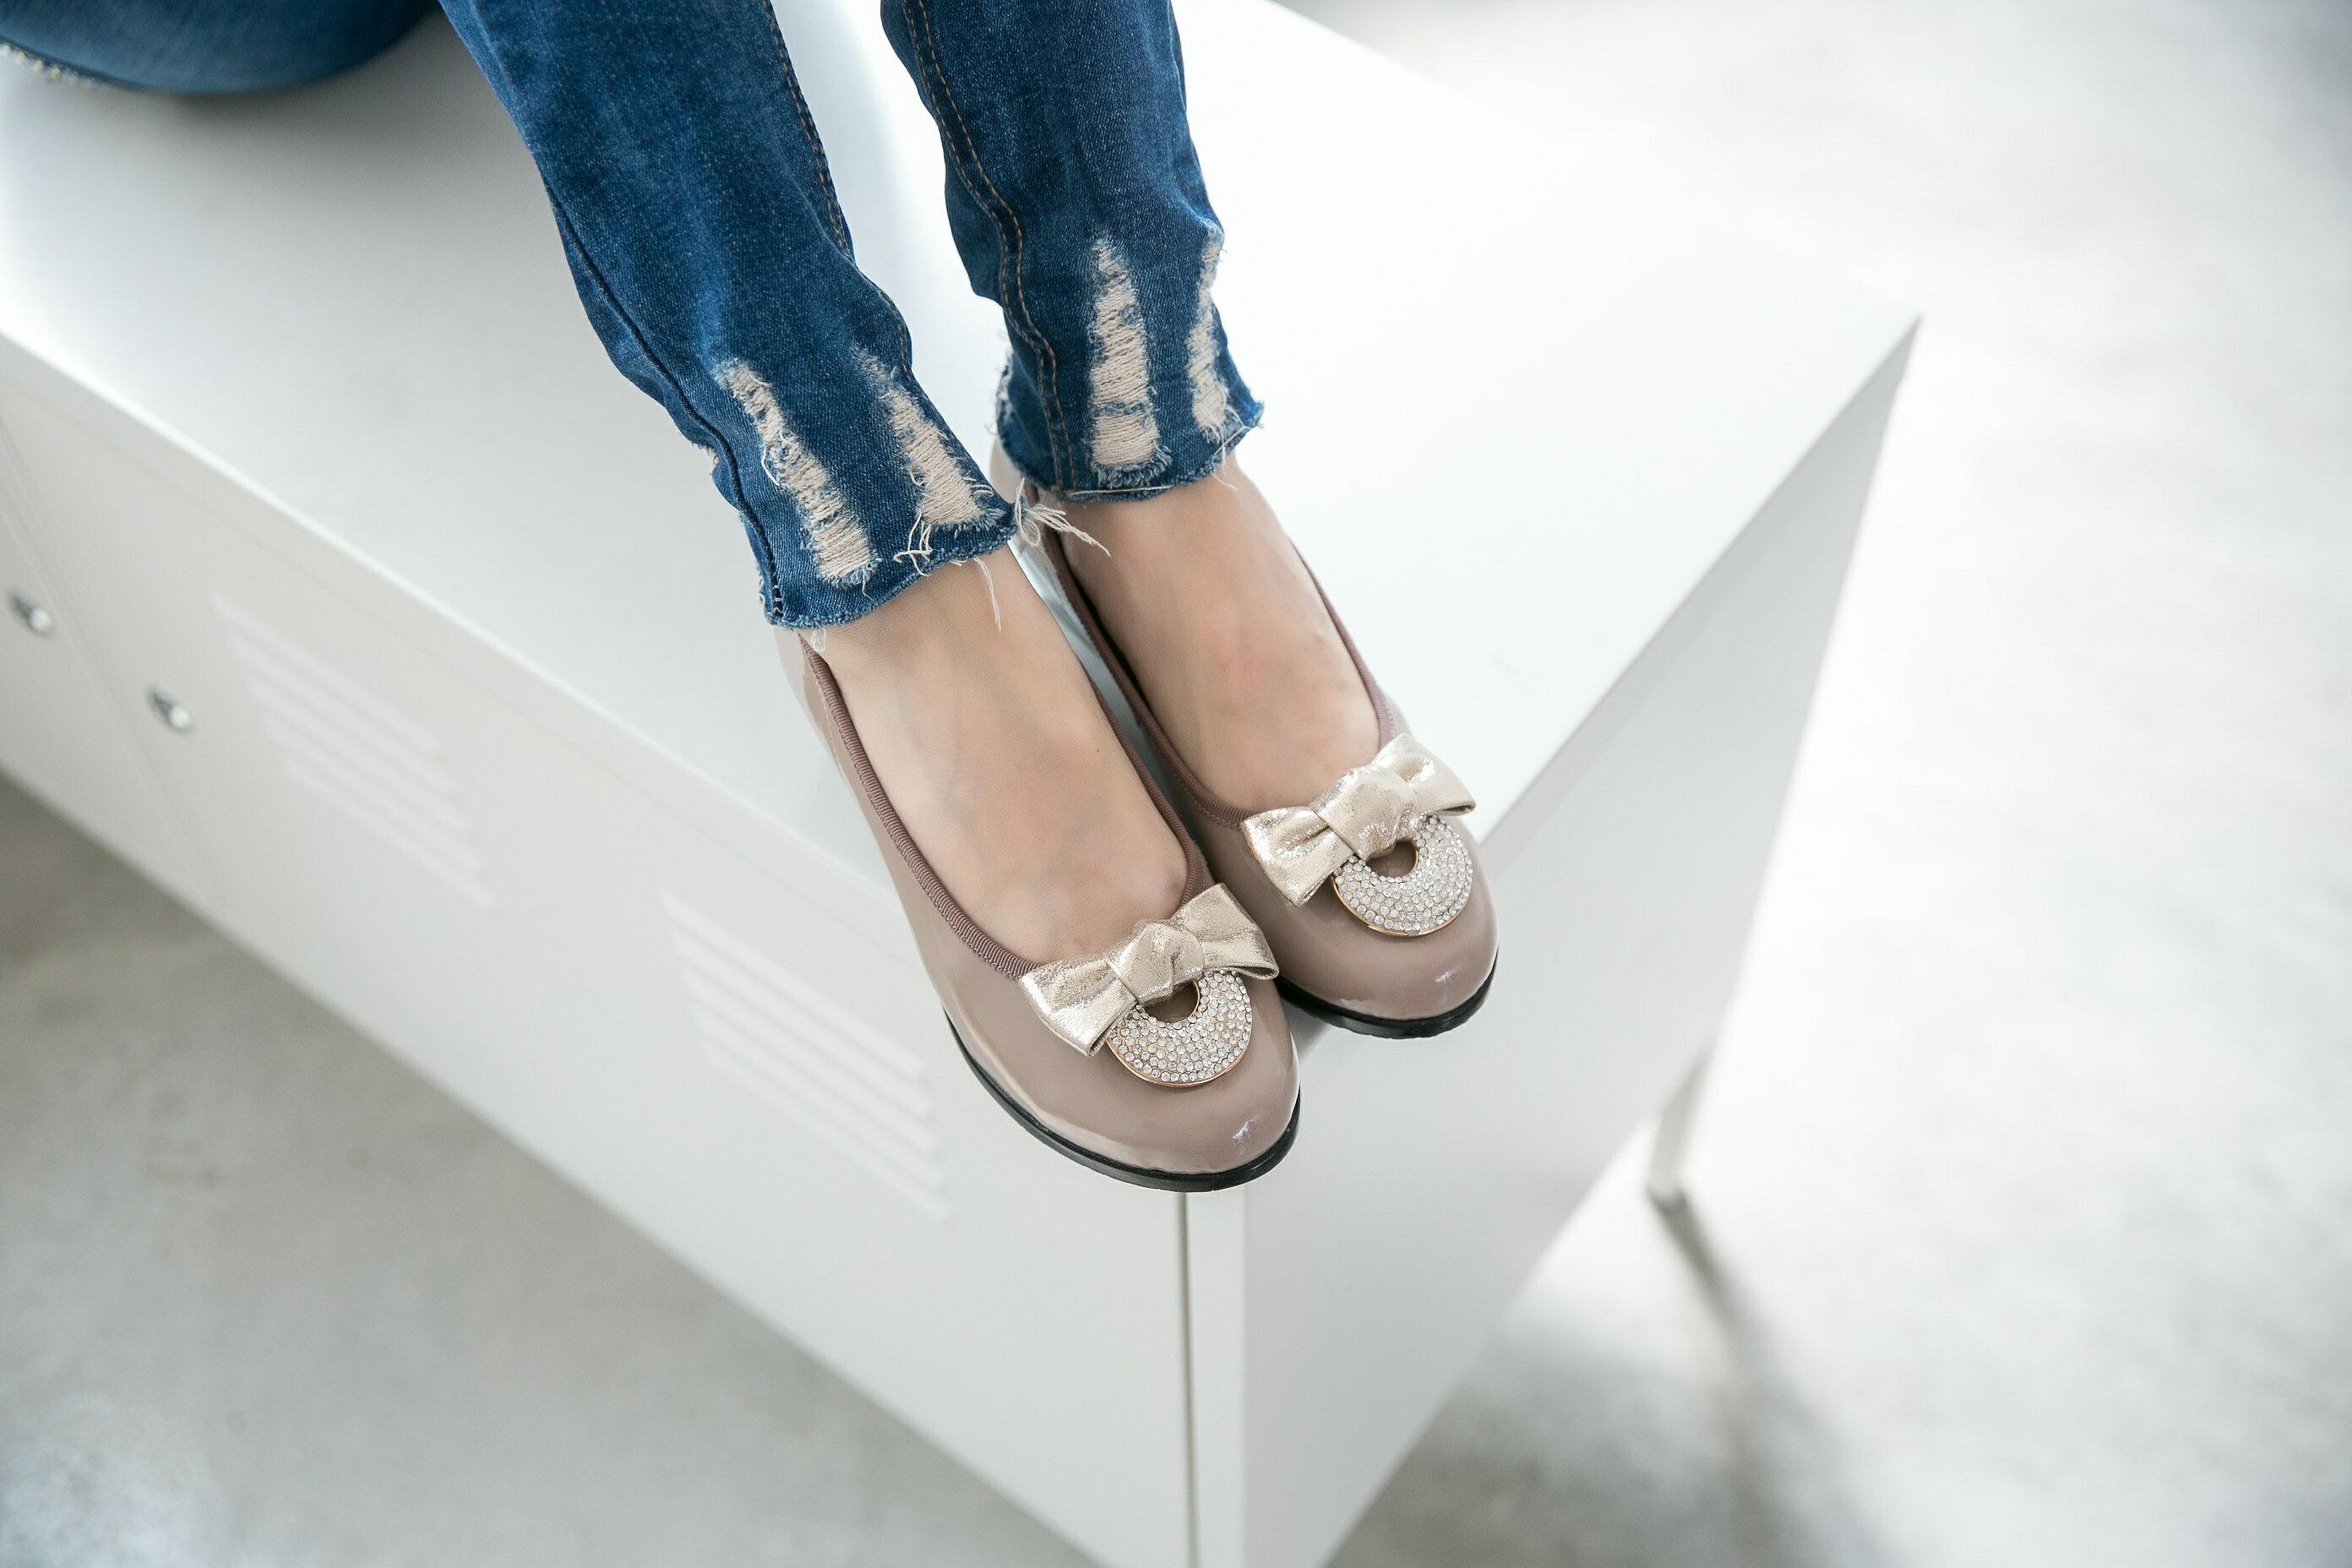 Aimez La Vie 經典優雅|鏡面真皮兩鑽飾釦蝴蝶結上班族OL 低跟鞋